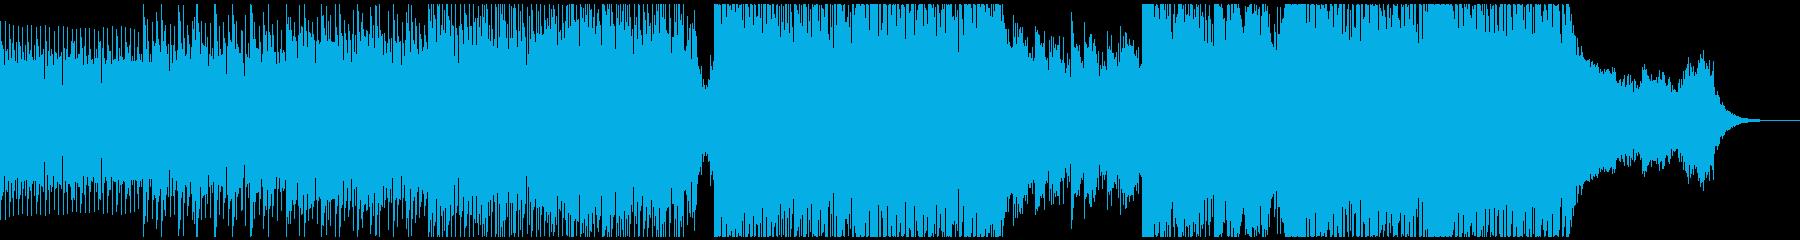 徐々に盛り上がるステディでポップなEDMの再生済みの波形